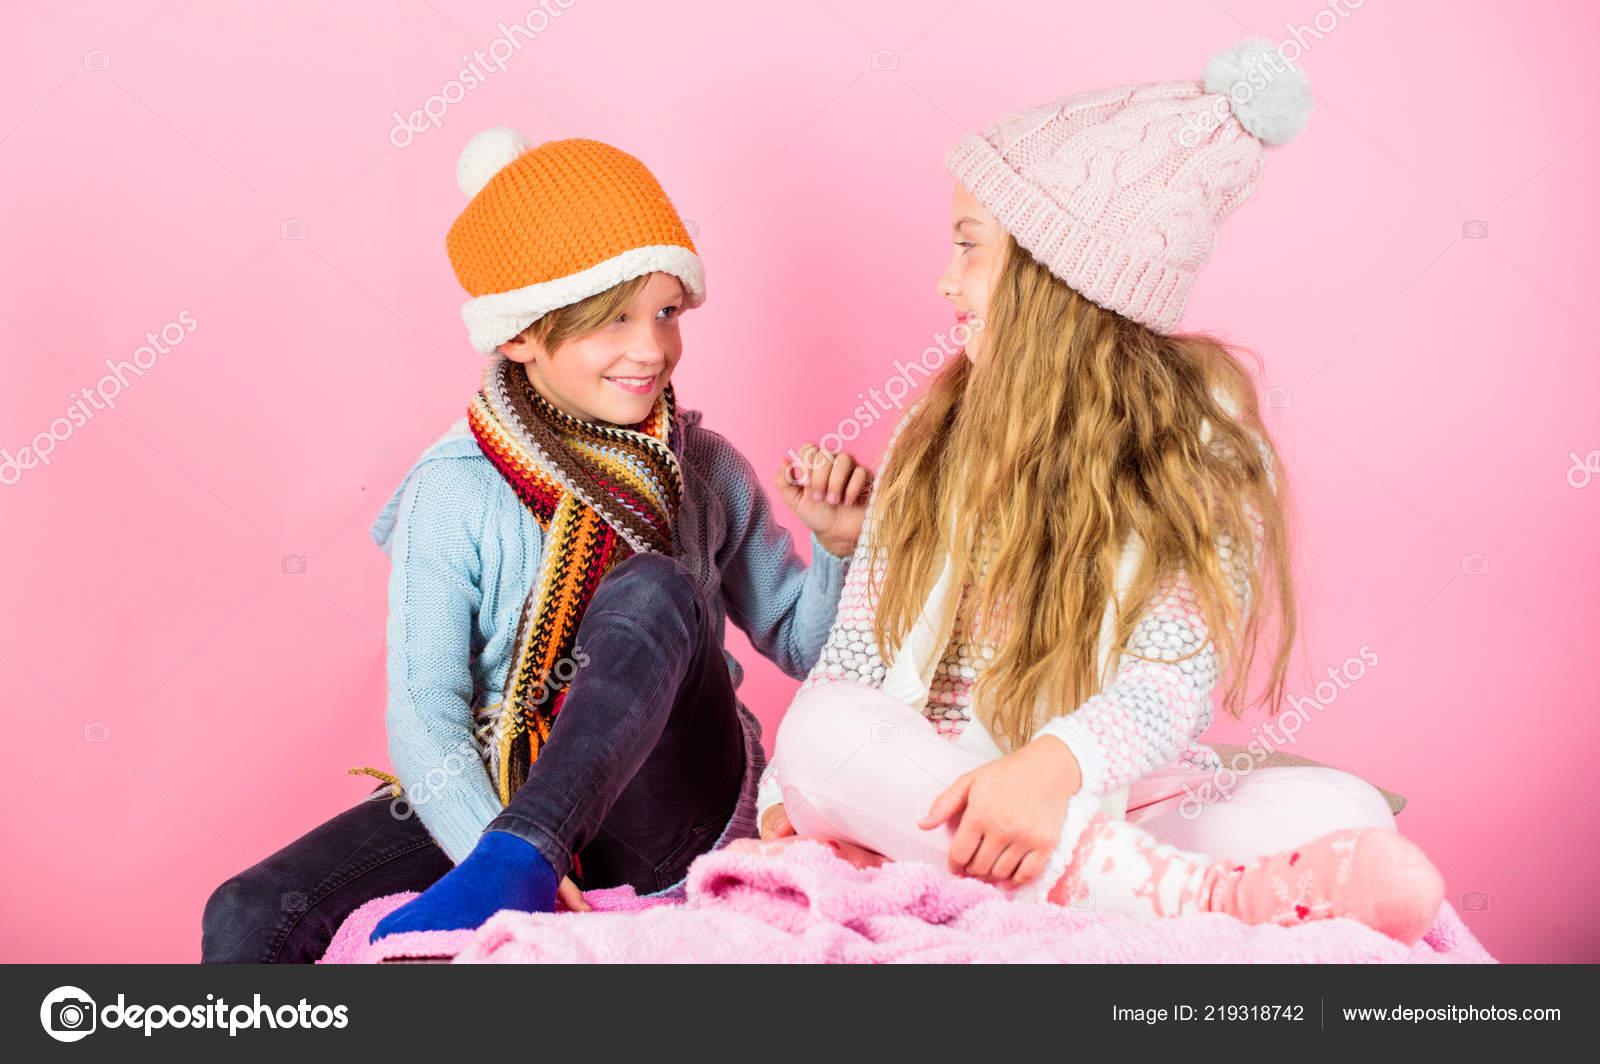 Κορίτσι και αγόρι ρούχα πλεκτά καπέλα χειμώνα. Χειμερινή σεζόν μόδας  αξεσουάρ και ρούχα. Παιδικά πλεκτά καπέλα χειμώνα. 1f305e94d22